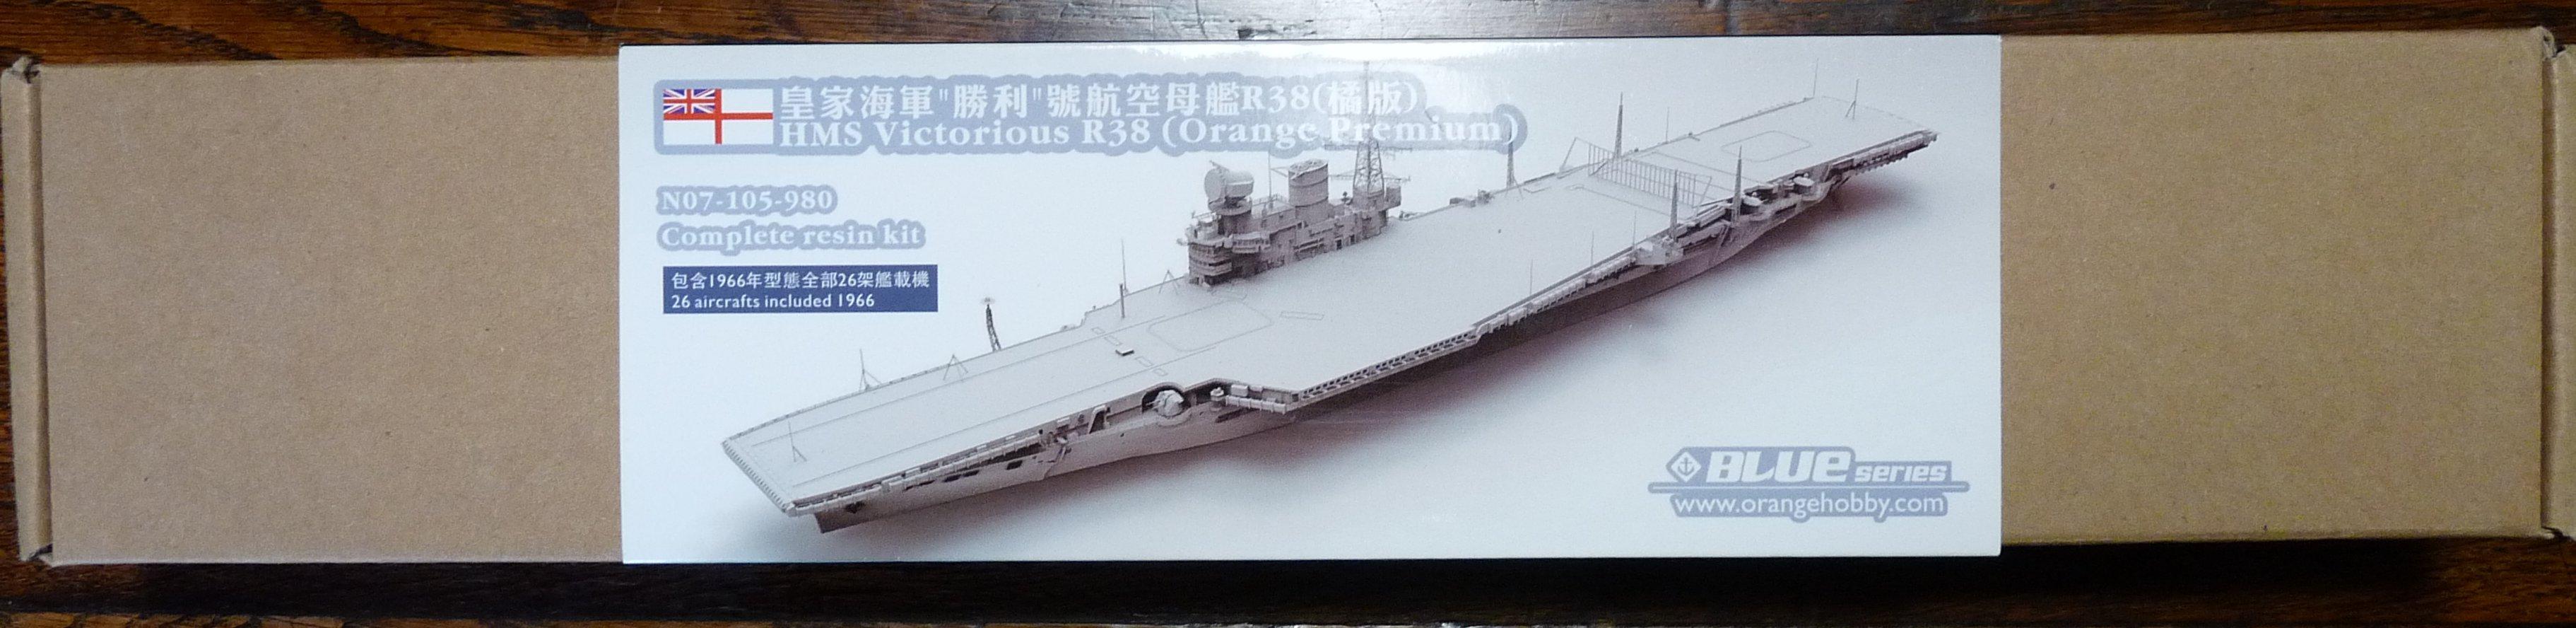 [HMS Victorious après refonte] 1/700e maquette Orange Hobby 17072112574623134915159395